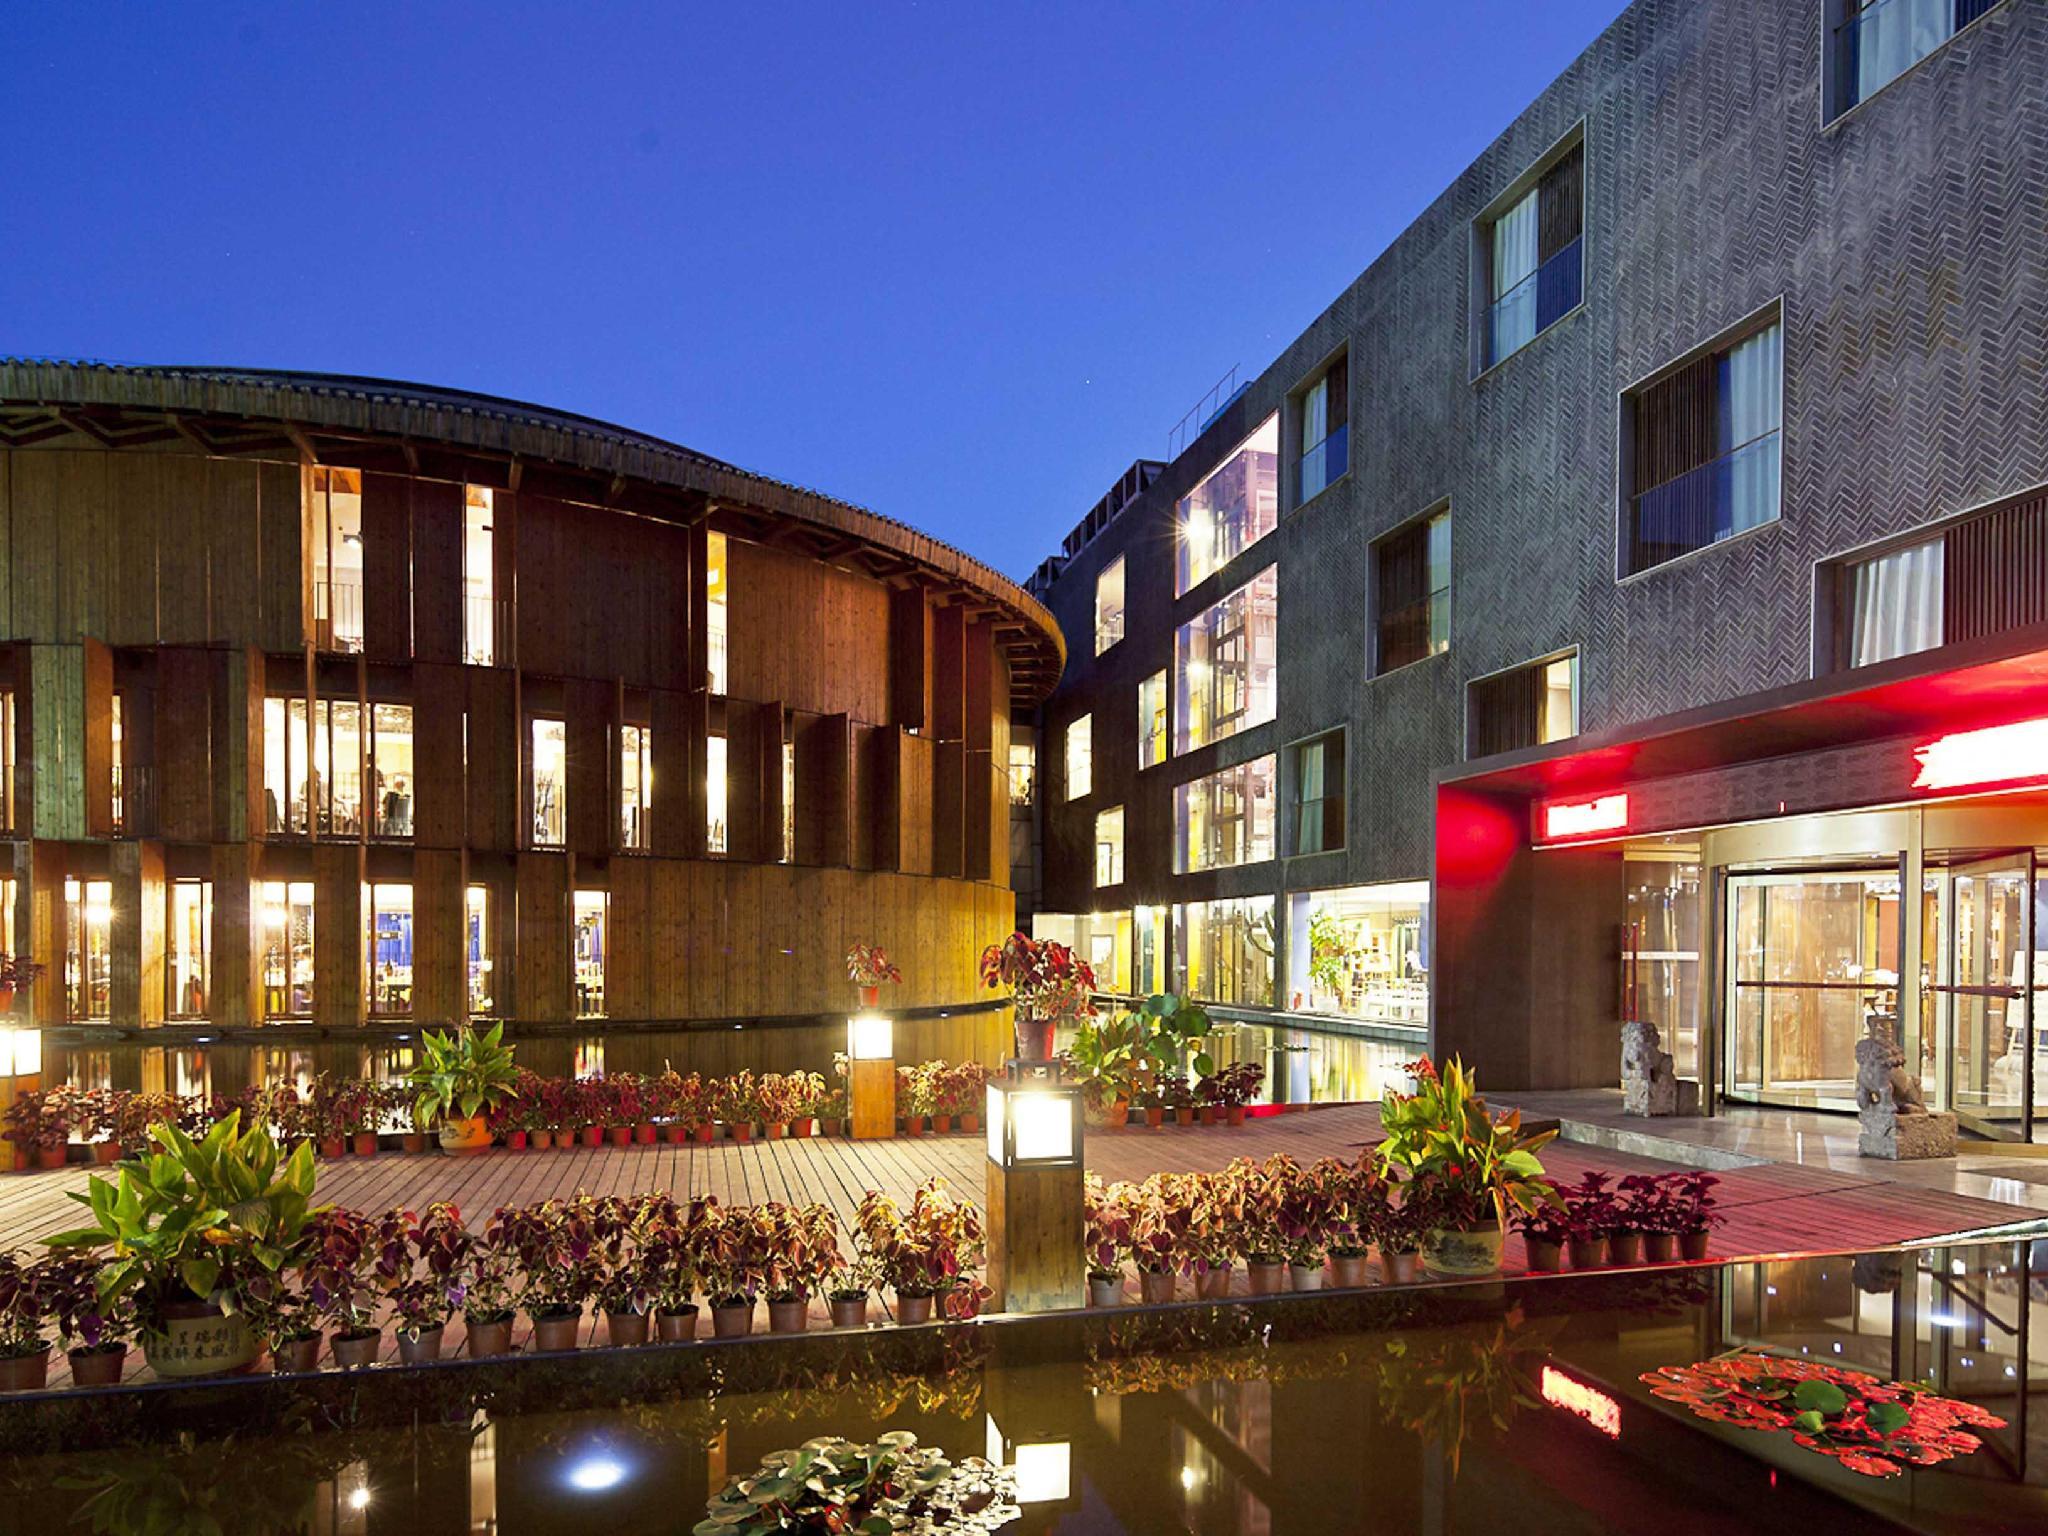 China Community Art And Culture Hotel Qingdao